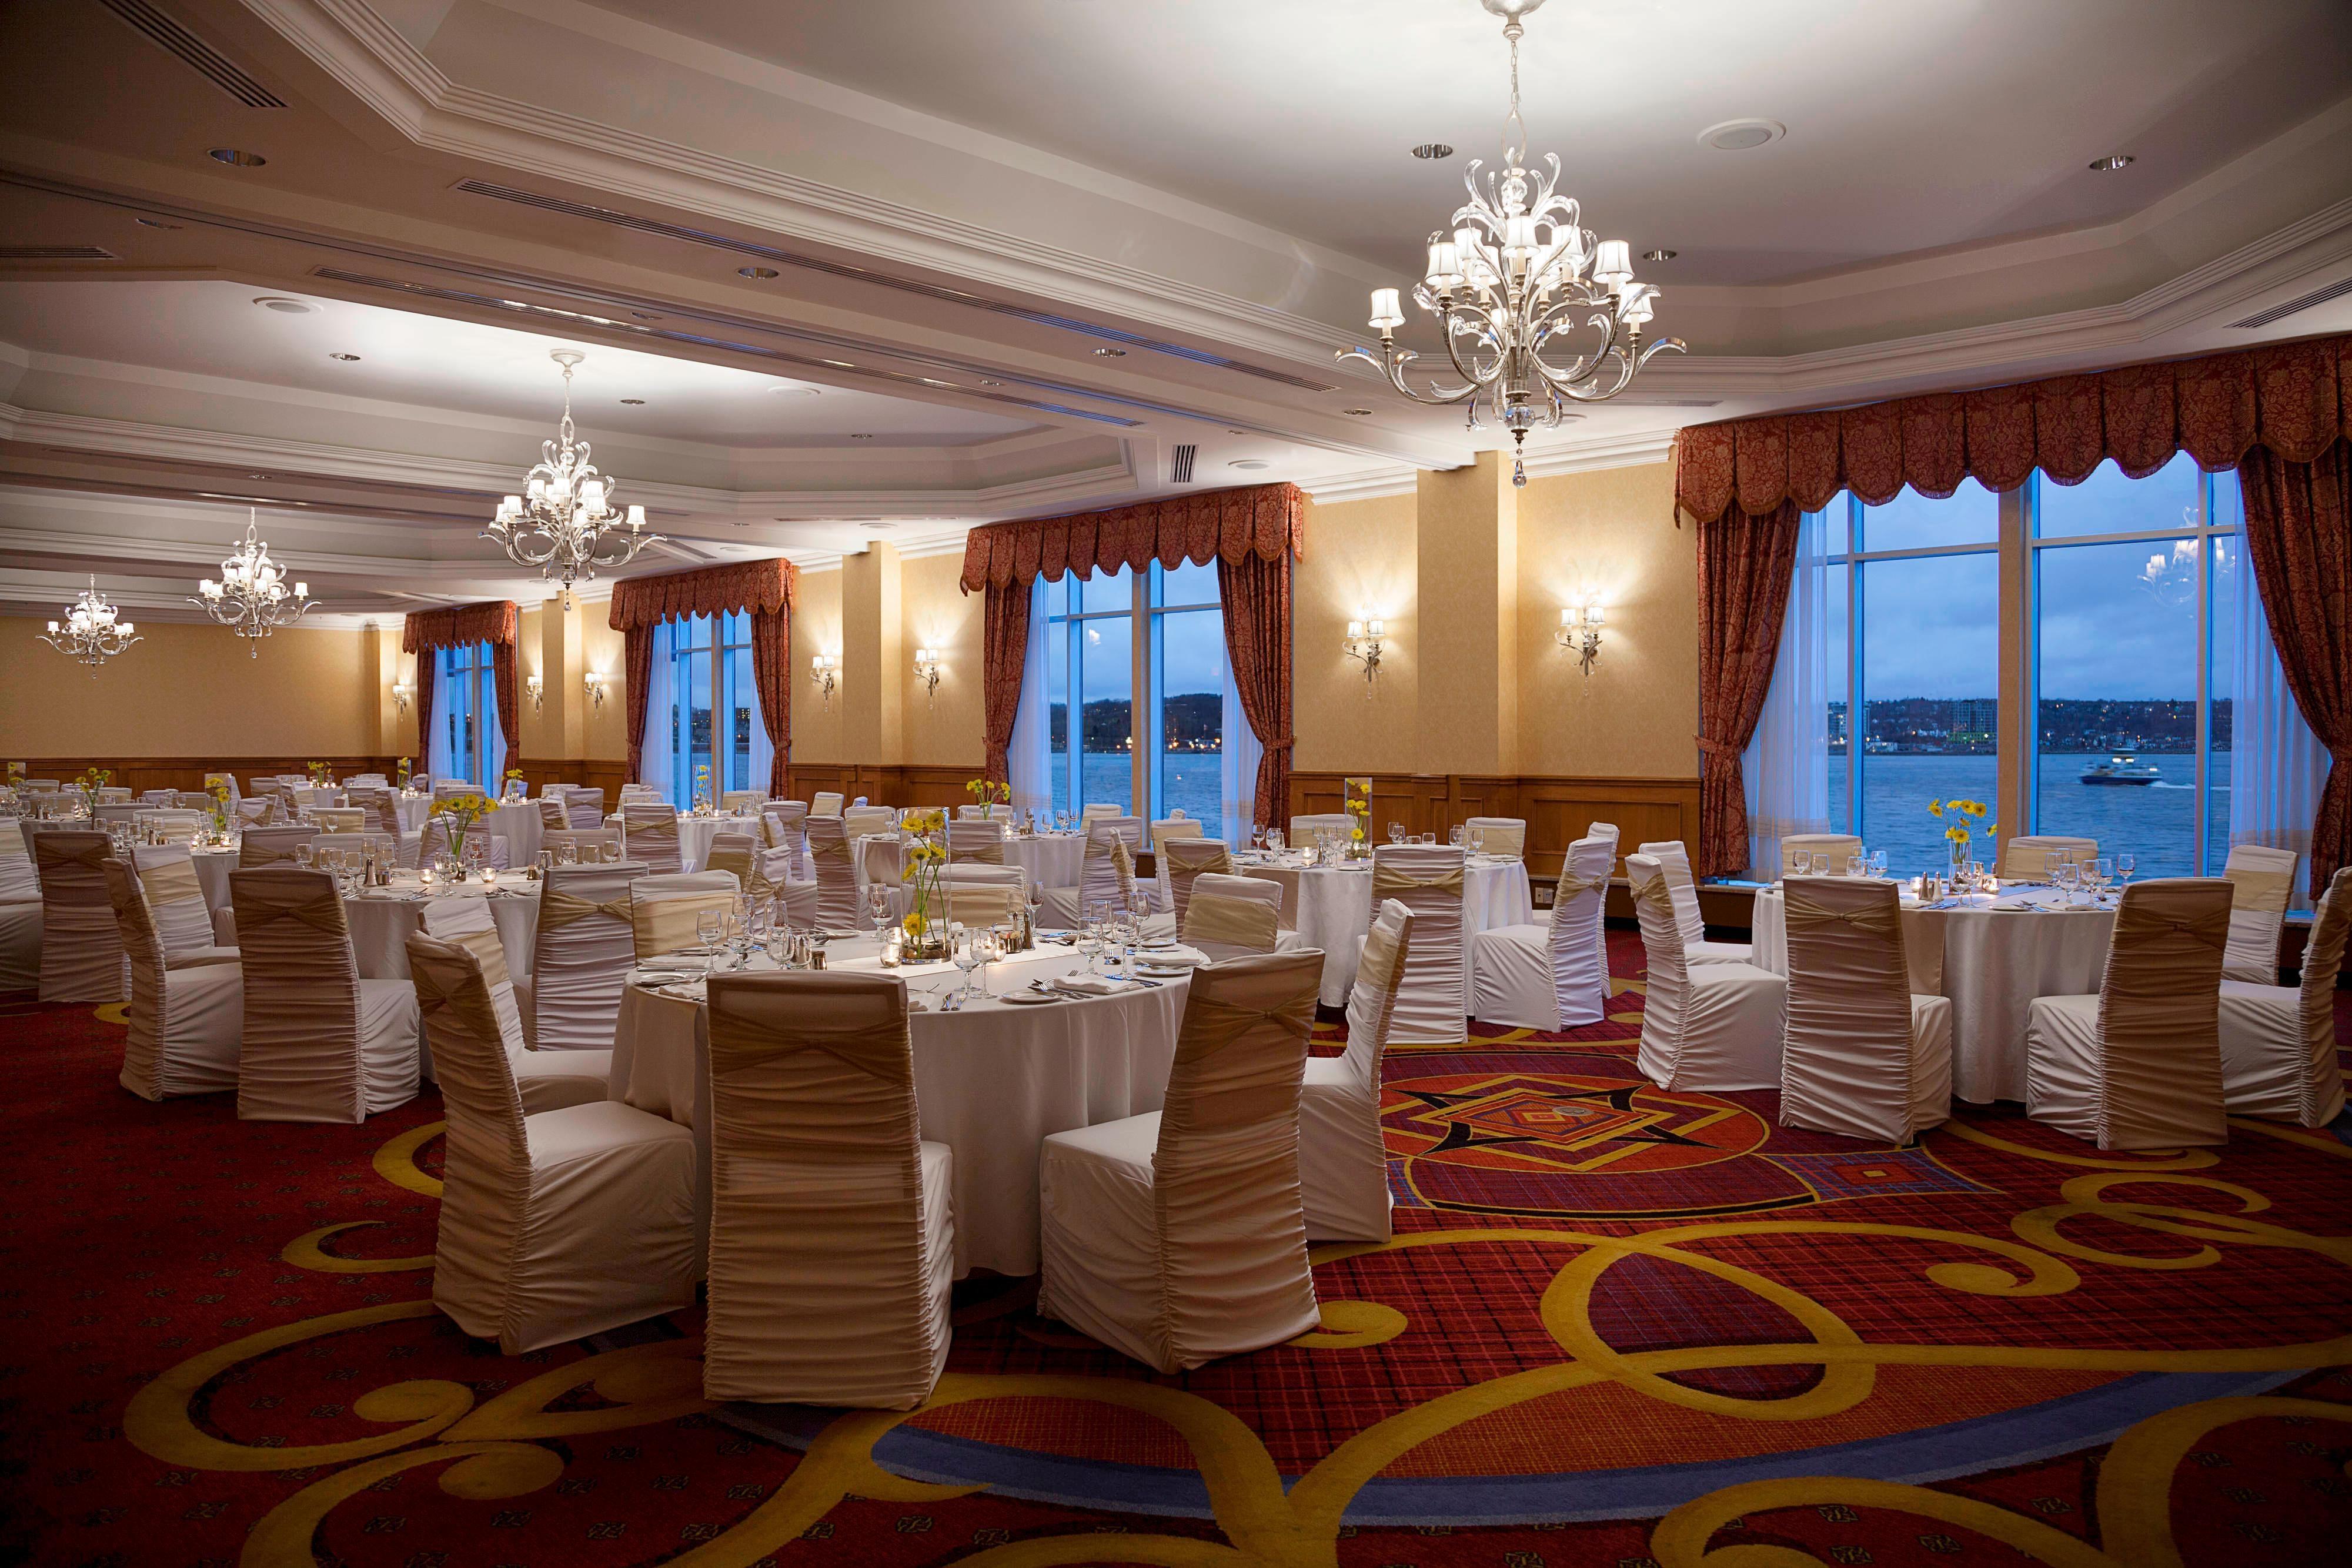 Wedding venues Halifax Nova Scotia